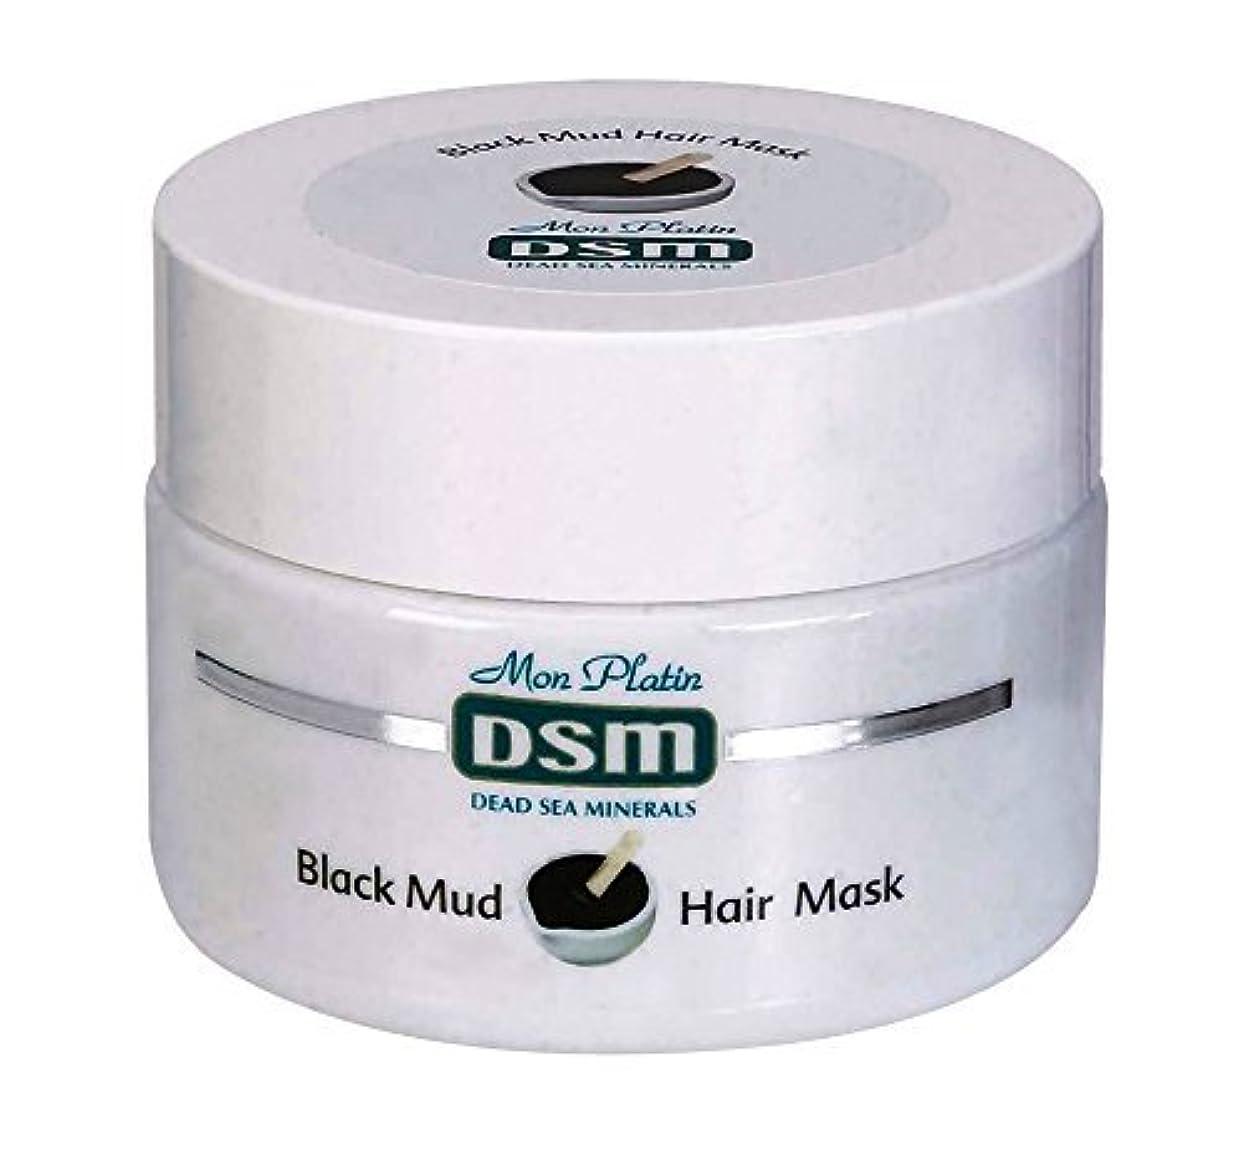 参加者とティームブレース頭皮と髪のための髪の泥マスク 250mL 死海ミネラル 天然 お手入れ 美容 イスラエル 全皮膚タイプ ビタミン (Mud Hair Mask  for Scalp & Hair)